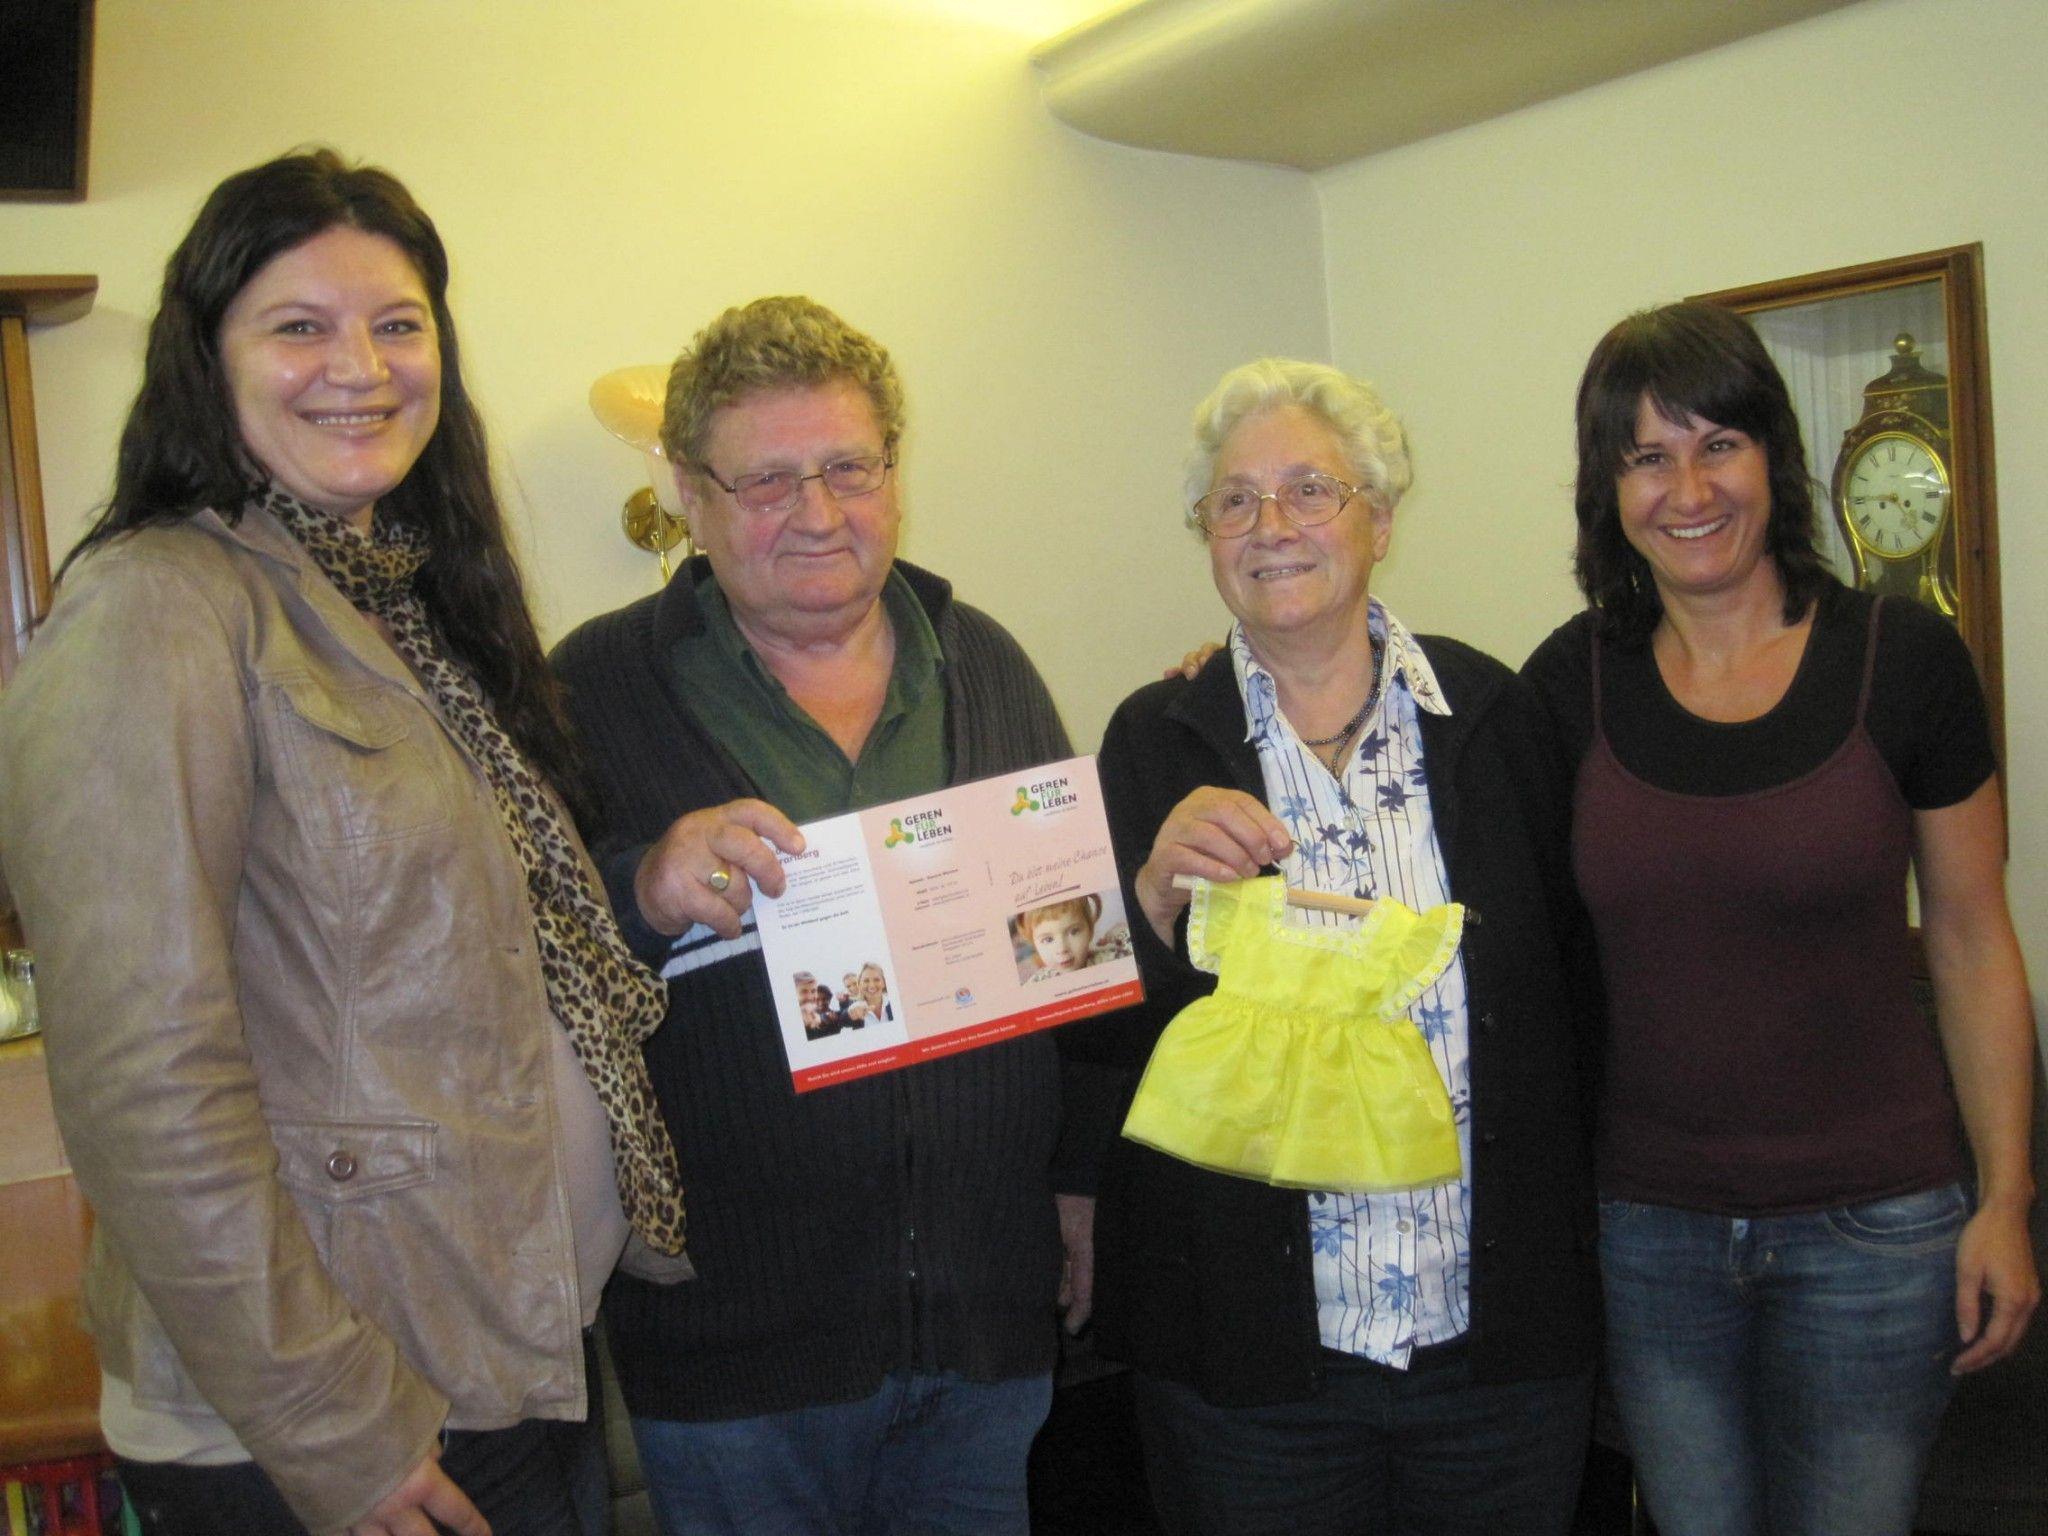 Foto vlnr: Katarina Pumper (Geben für Leben), Walter und Sophie Lampert, Susanne Marosch (Geben für Leben) bei der Geldübergabe